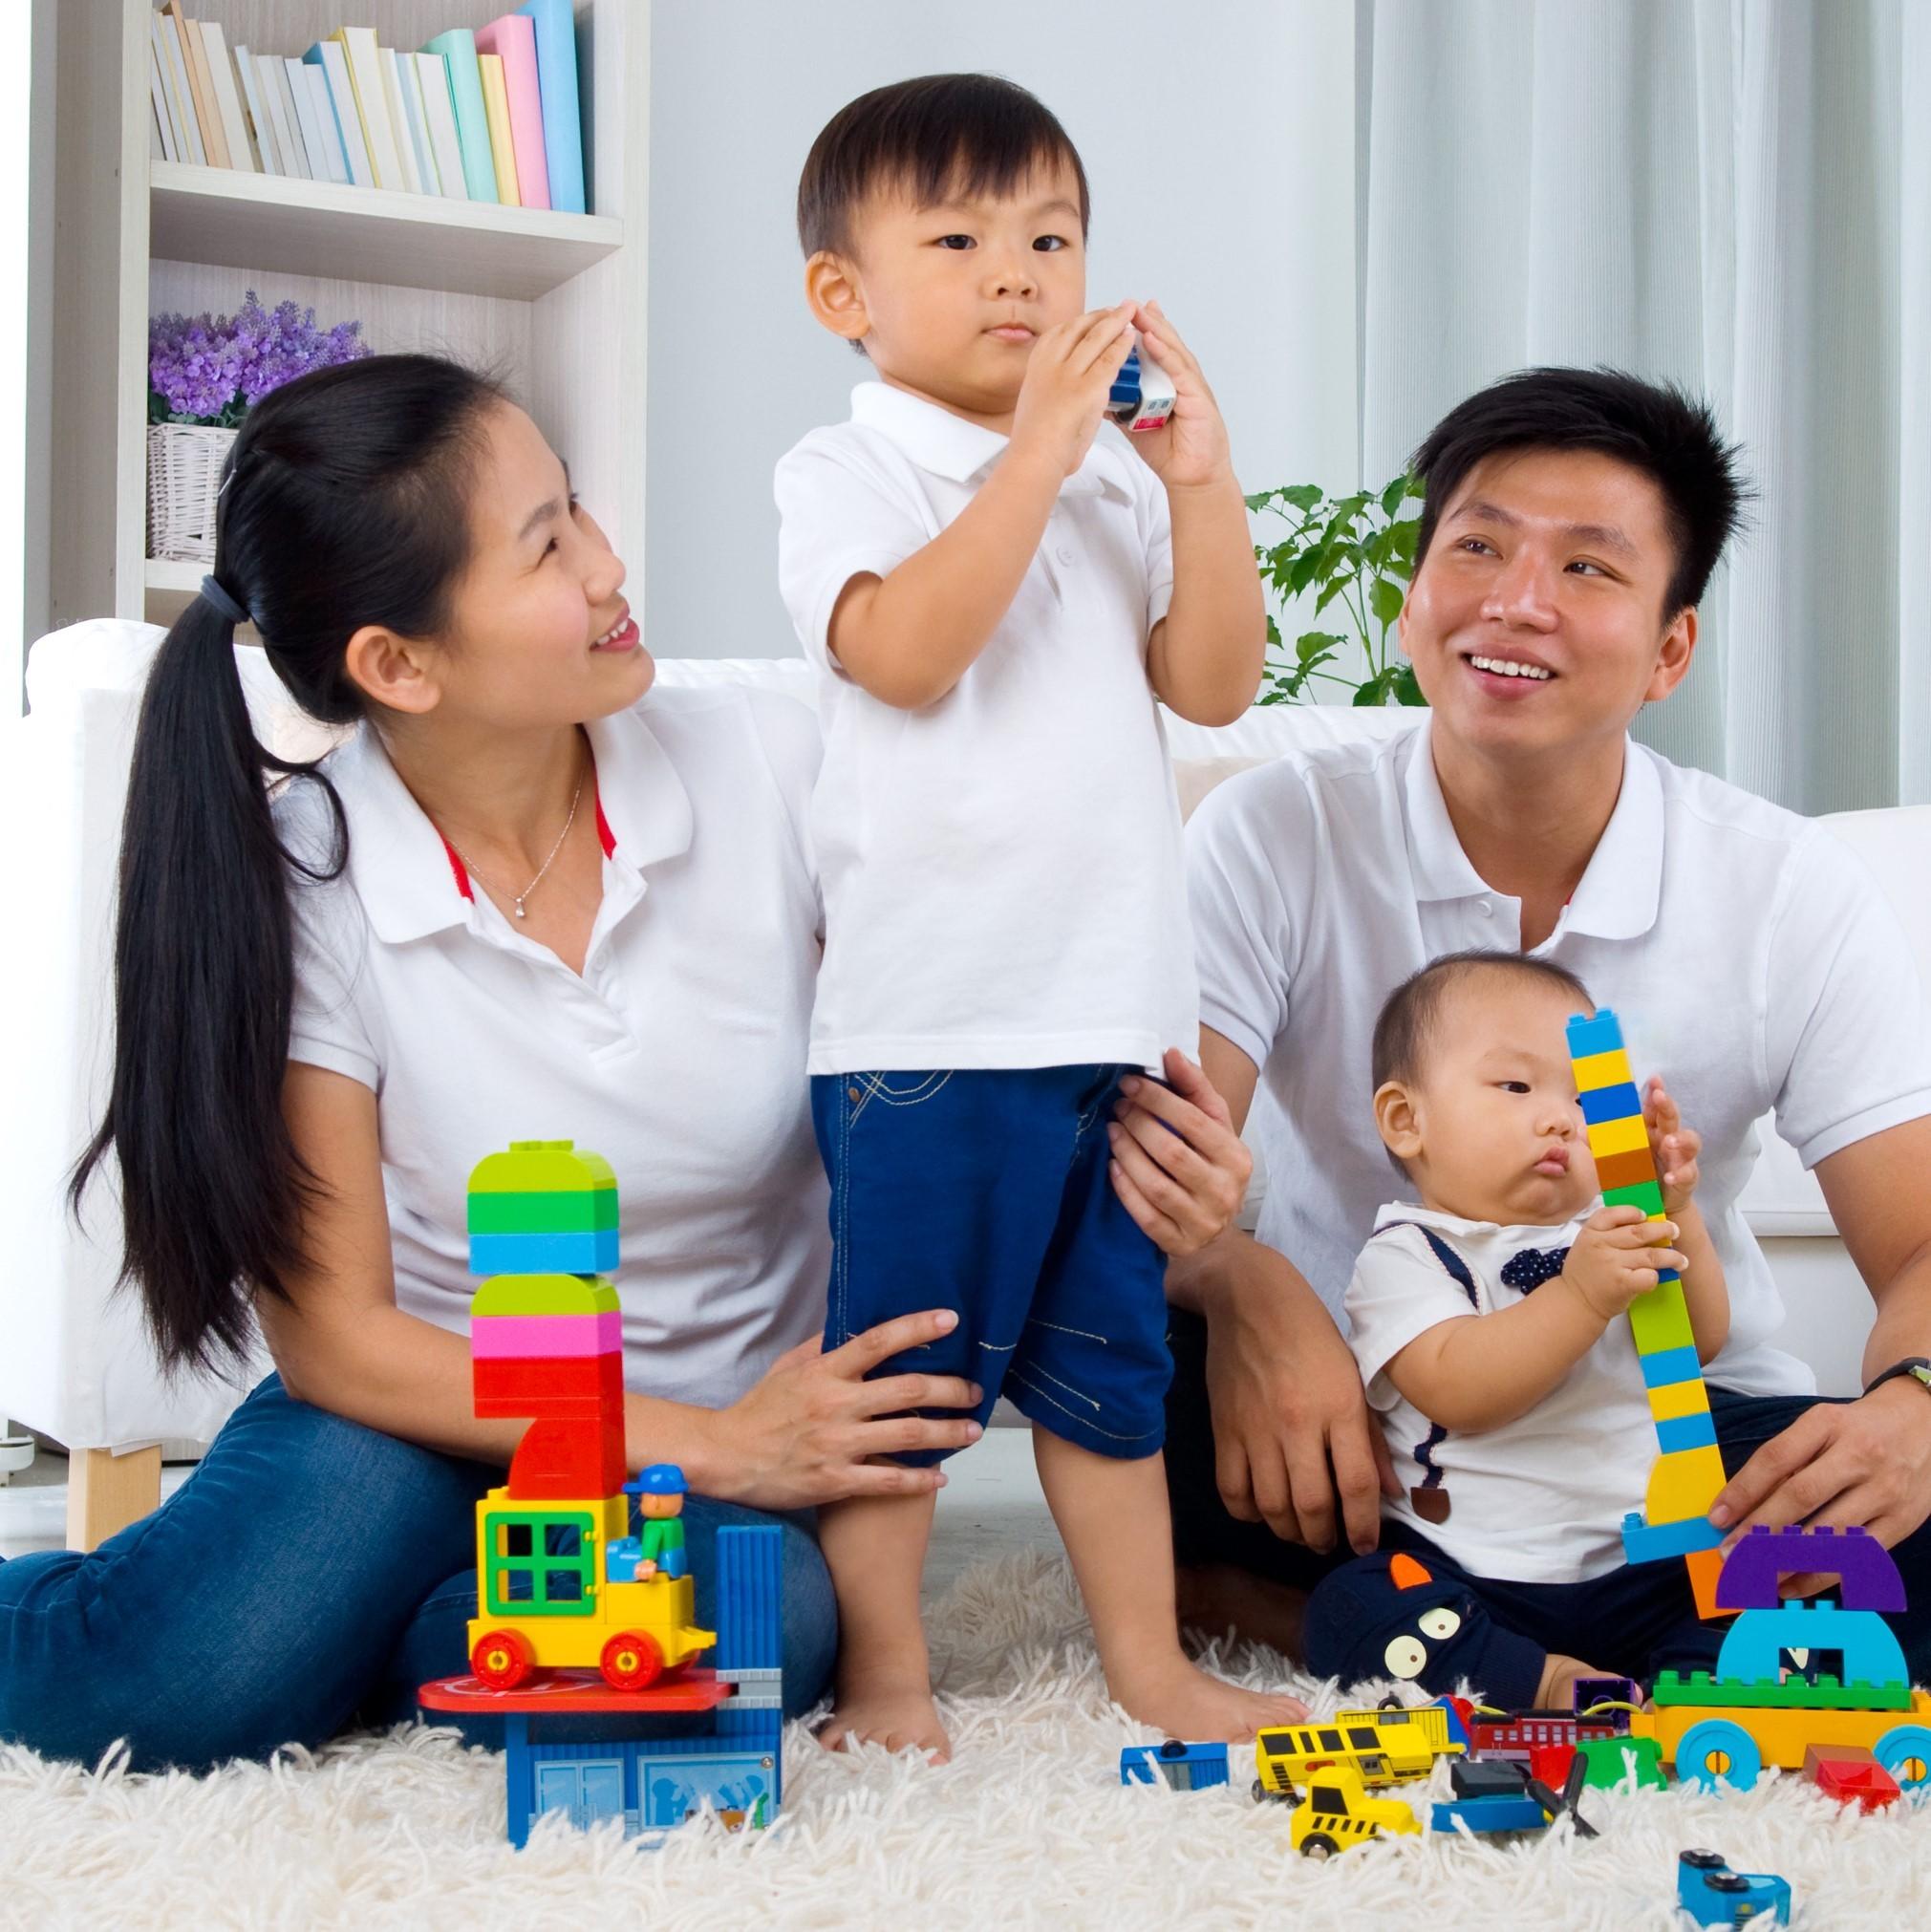 訓練孩子專注力,父母陪玩很重要